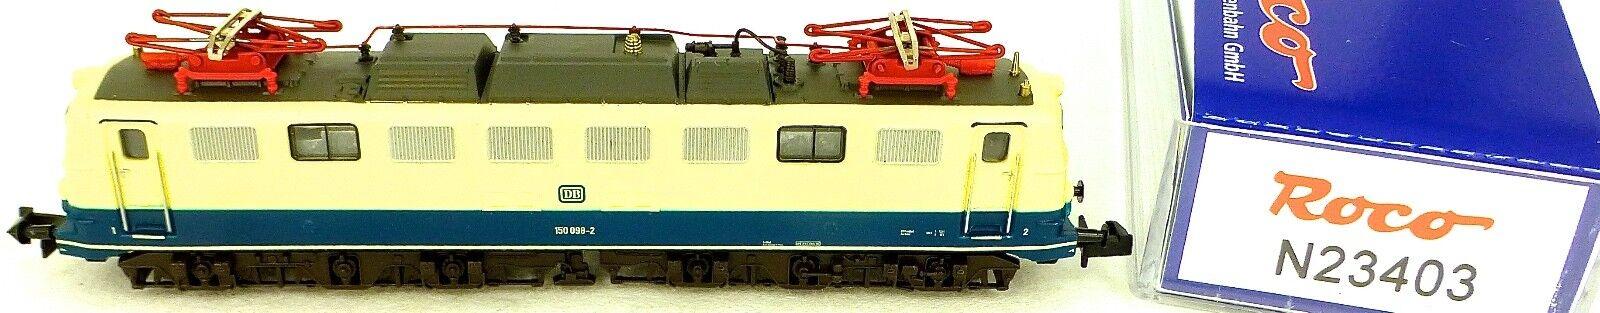 150 Locomotora Eléctrica Azul Beige DB Ep4 Roco 23403 Nuevo 1 160 N HQ2 Μ